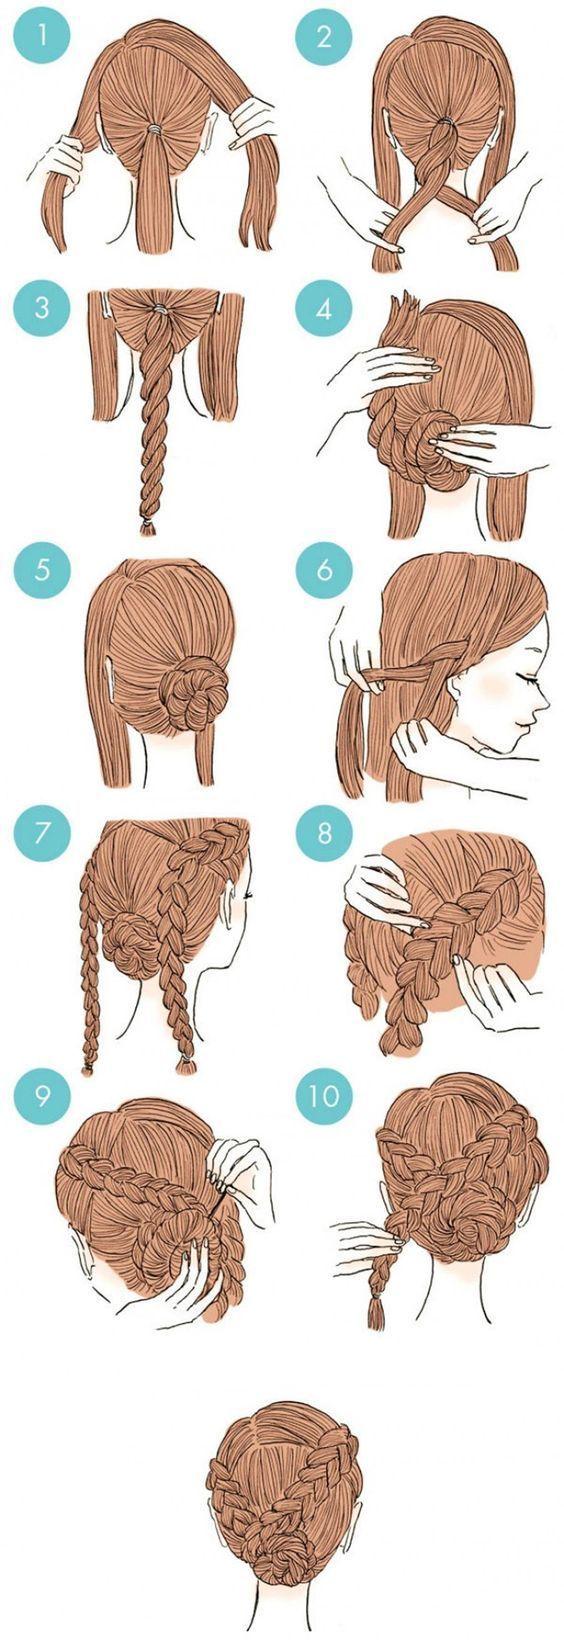 Sie können es in 10 Schritten leicht tun # Weave # Frisur